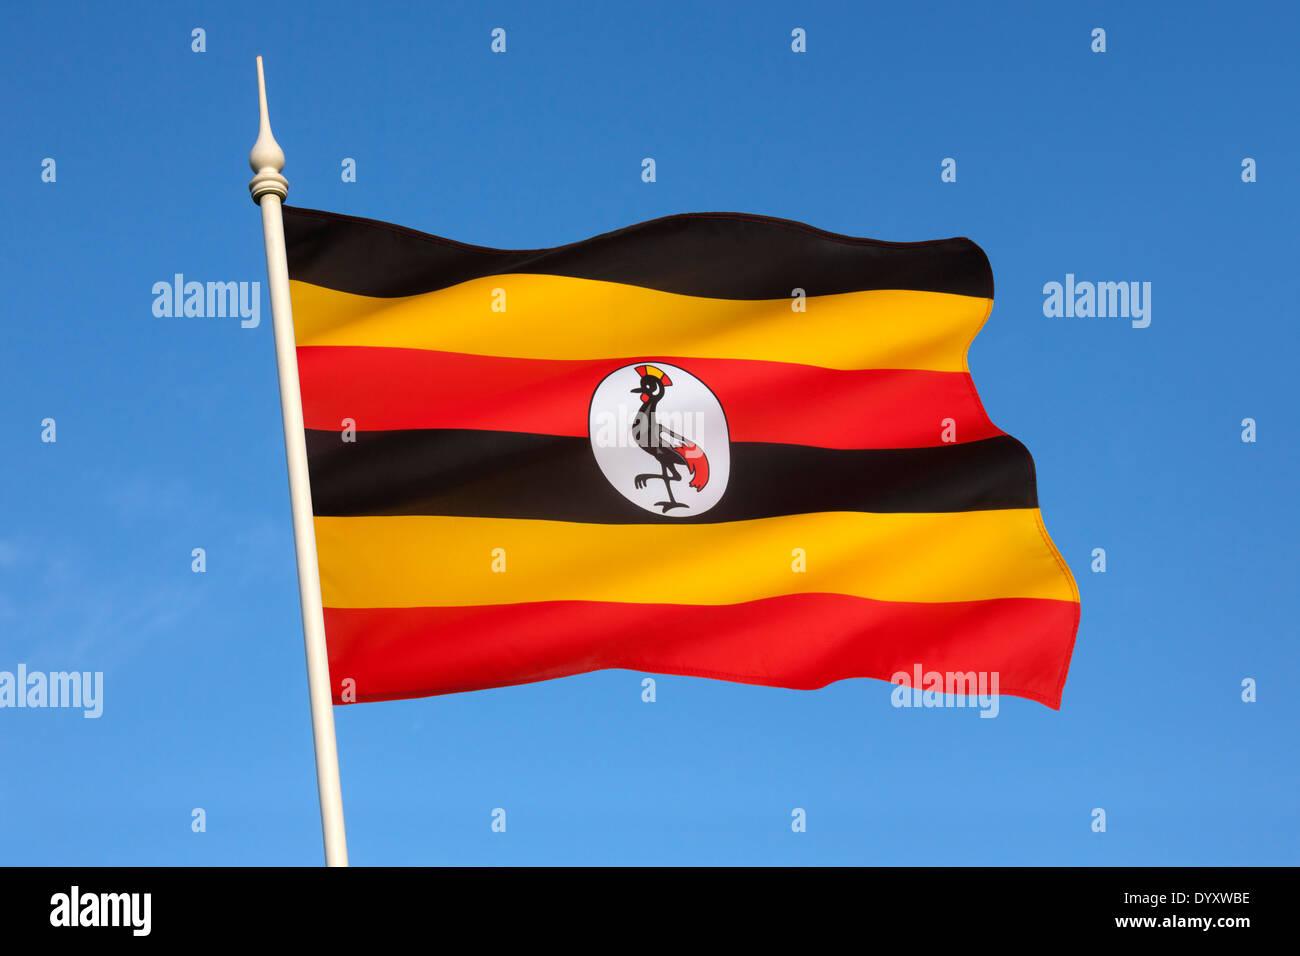 La bandera de Uganda Imagen De Stock